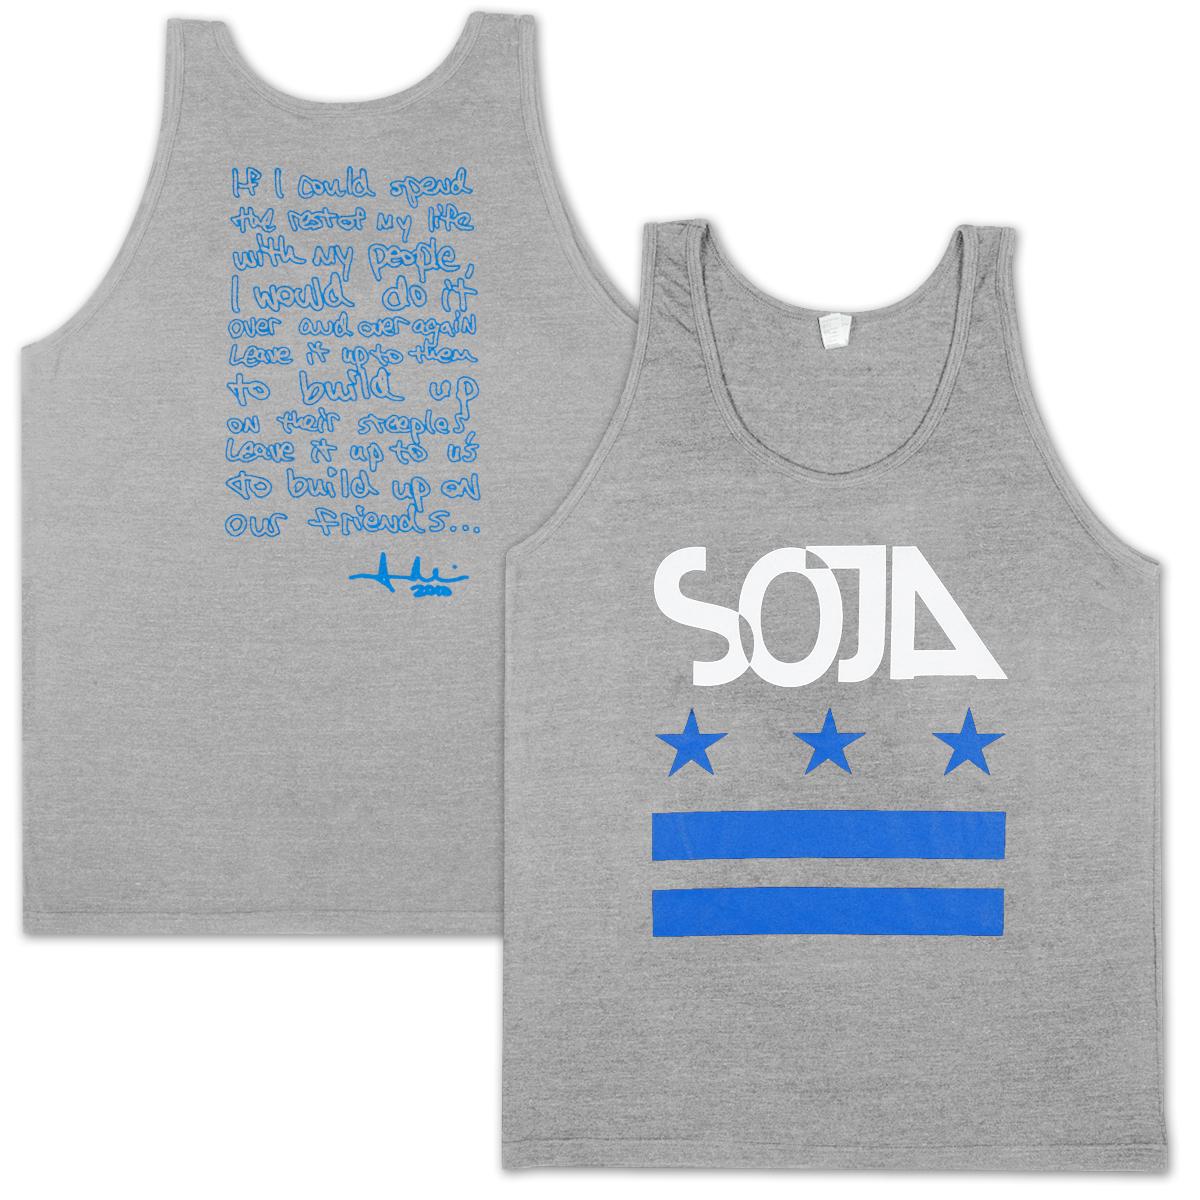 SOJA - Stars & Bars Tri-Grey Tank